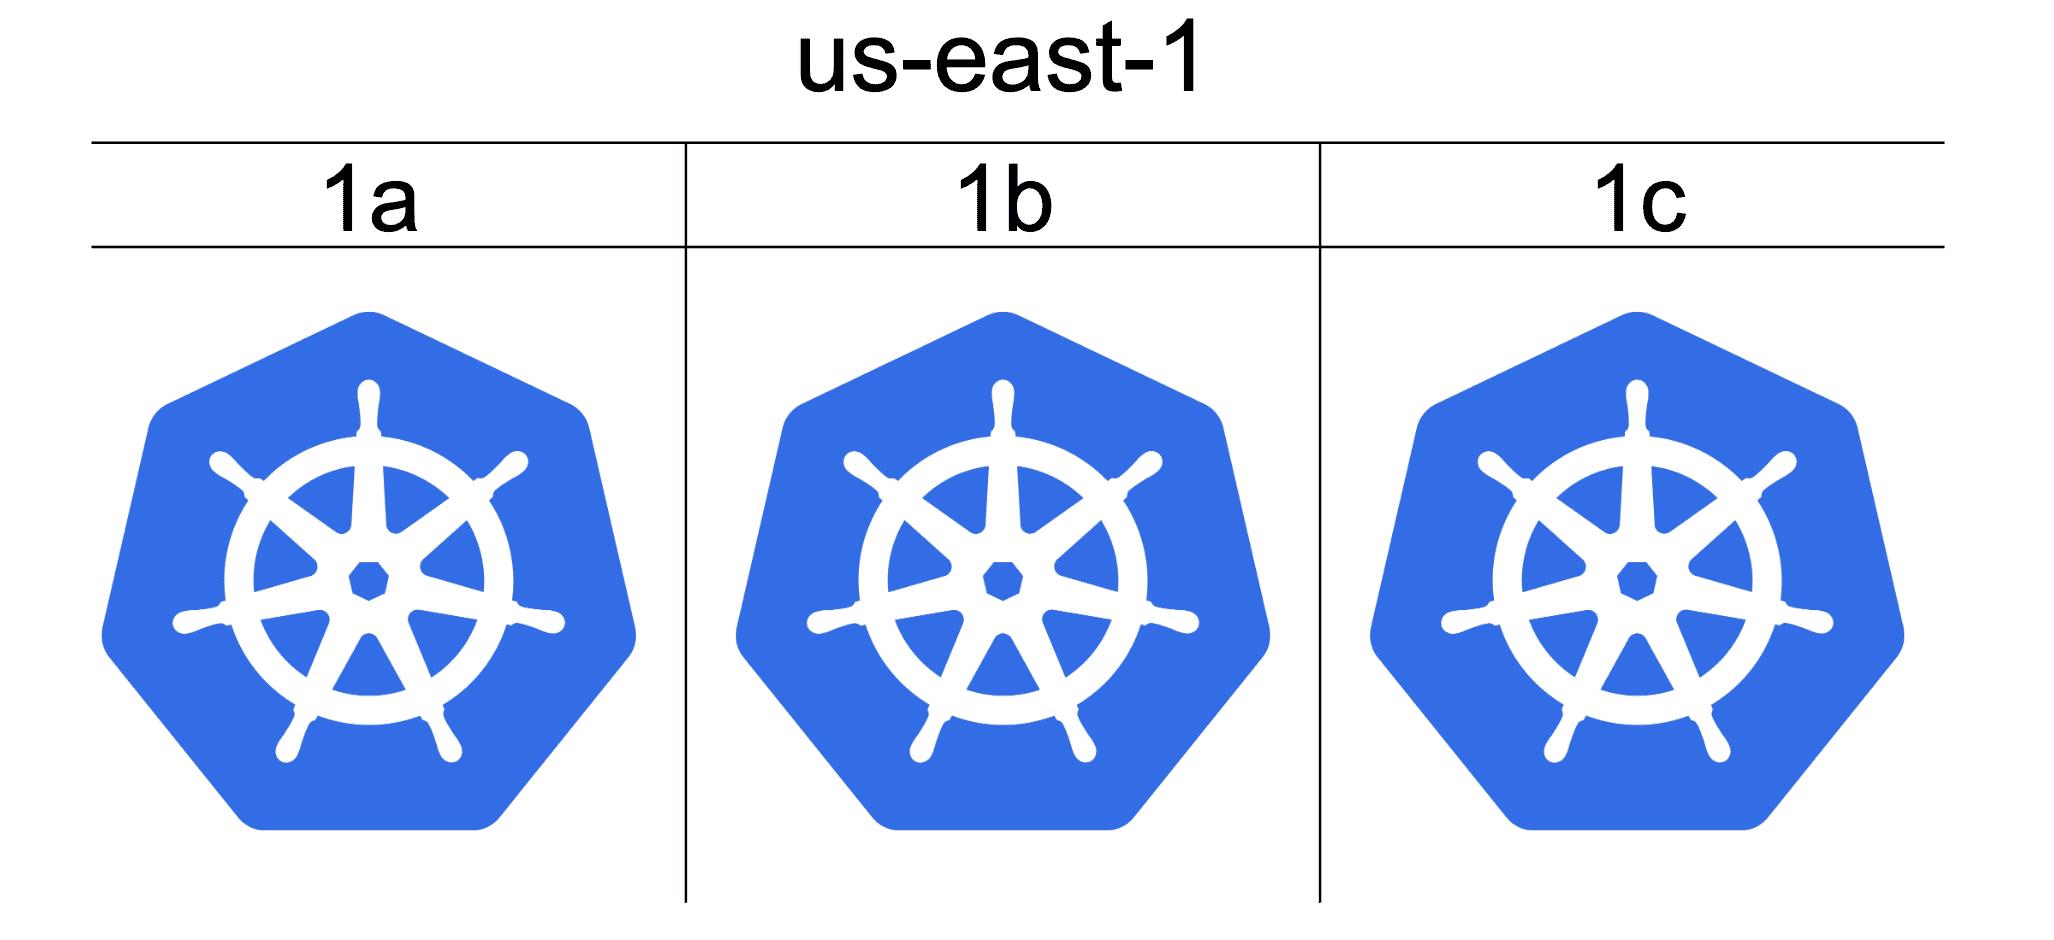 Cluster / AZ. Image taken from Reddit k8s talk